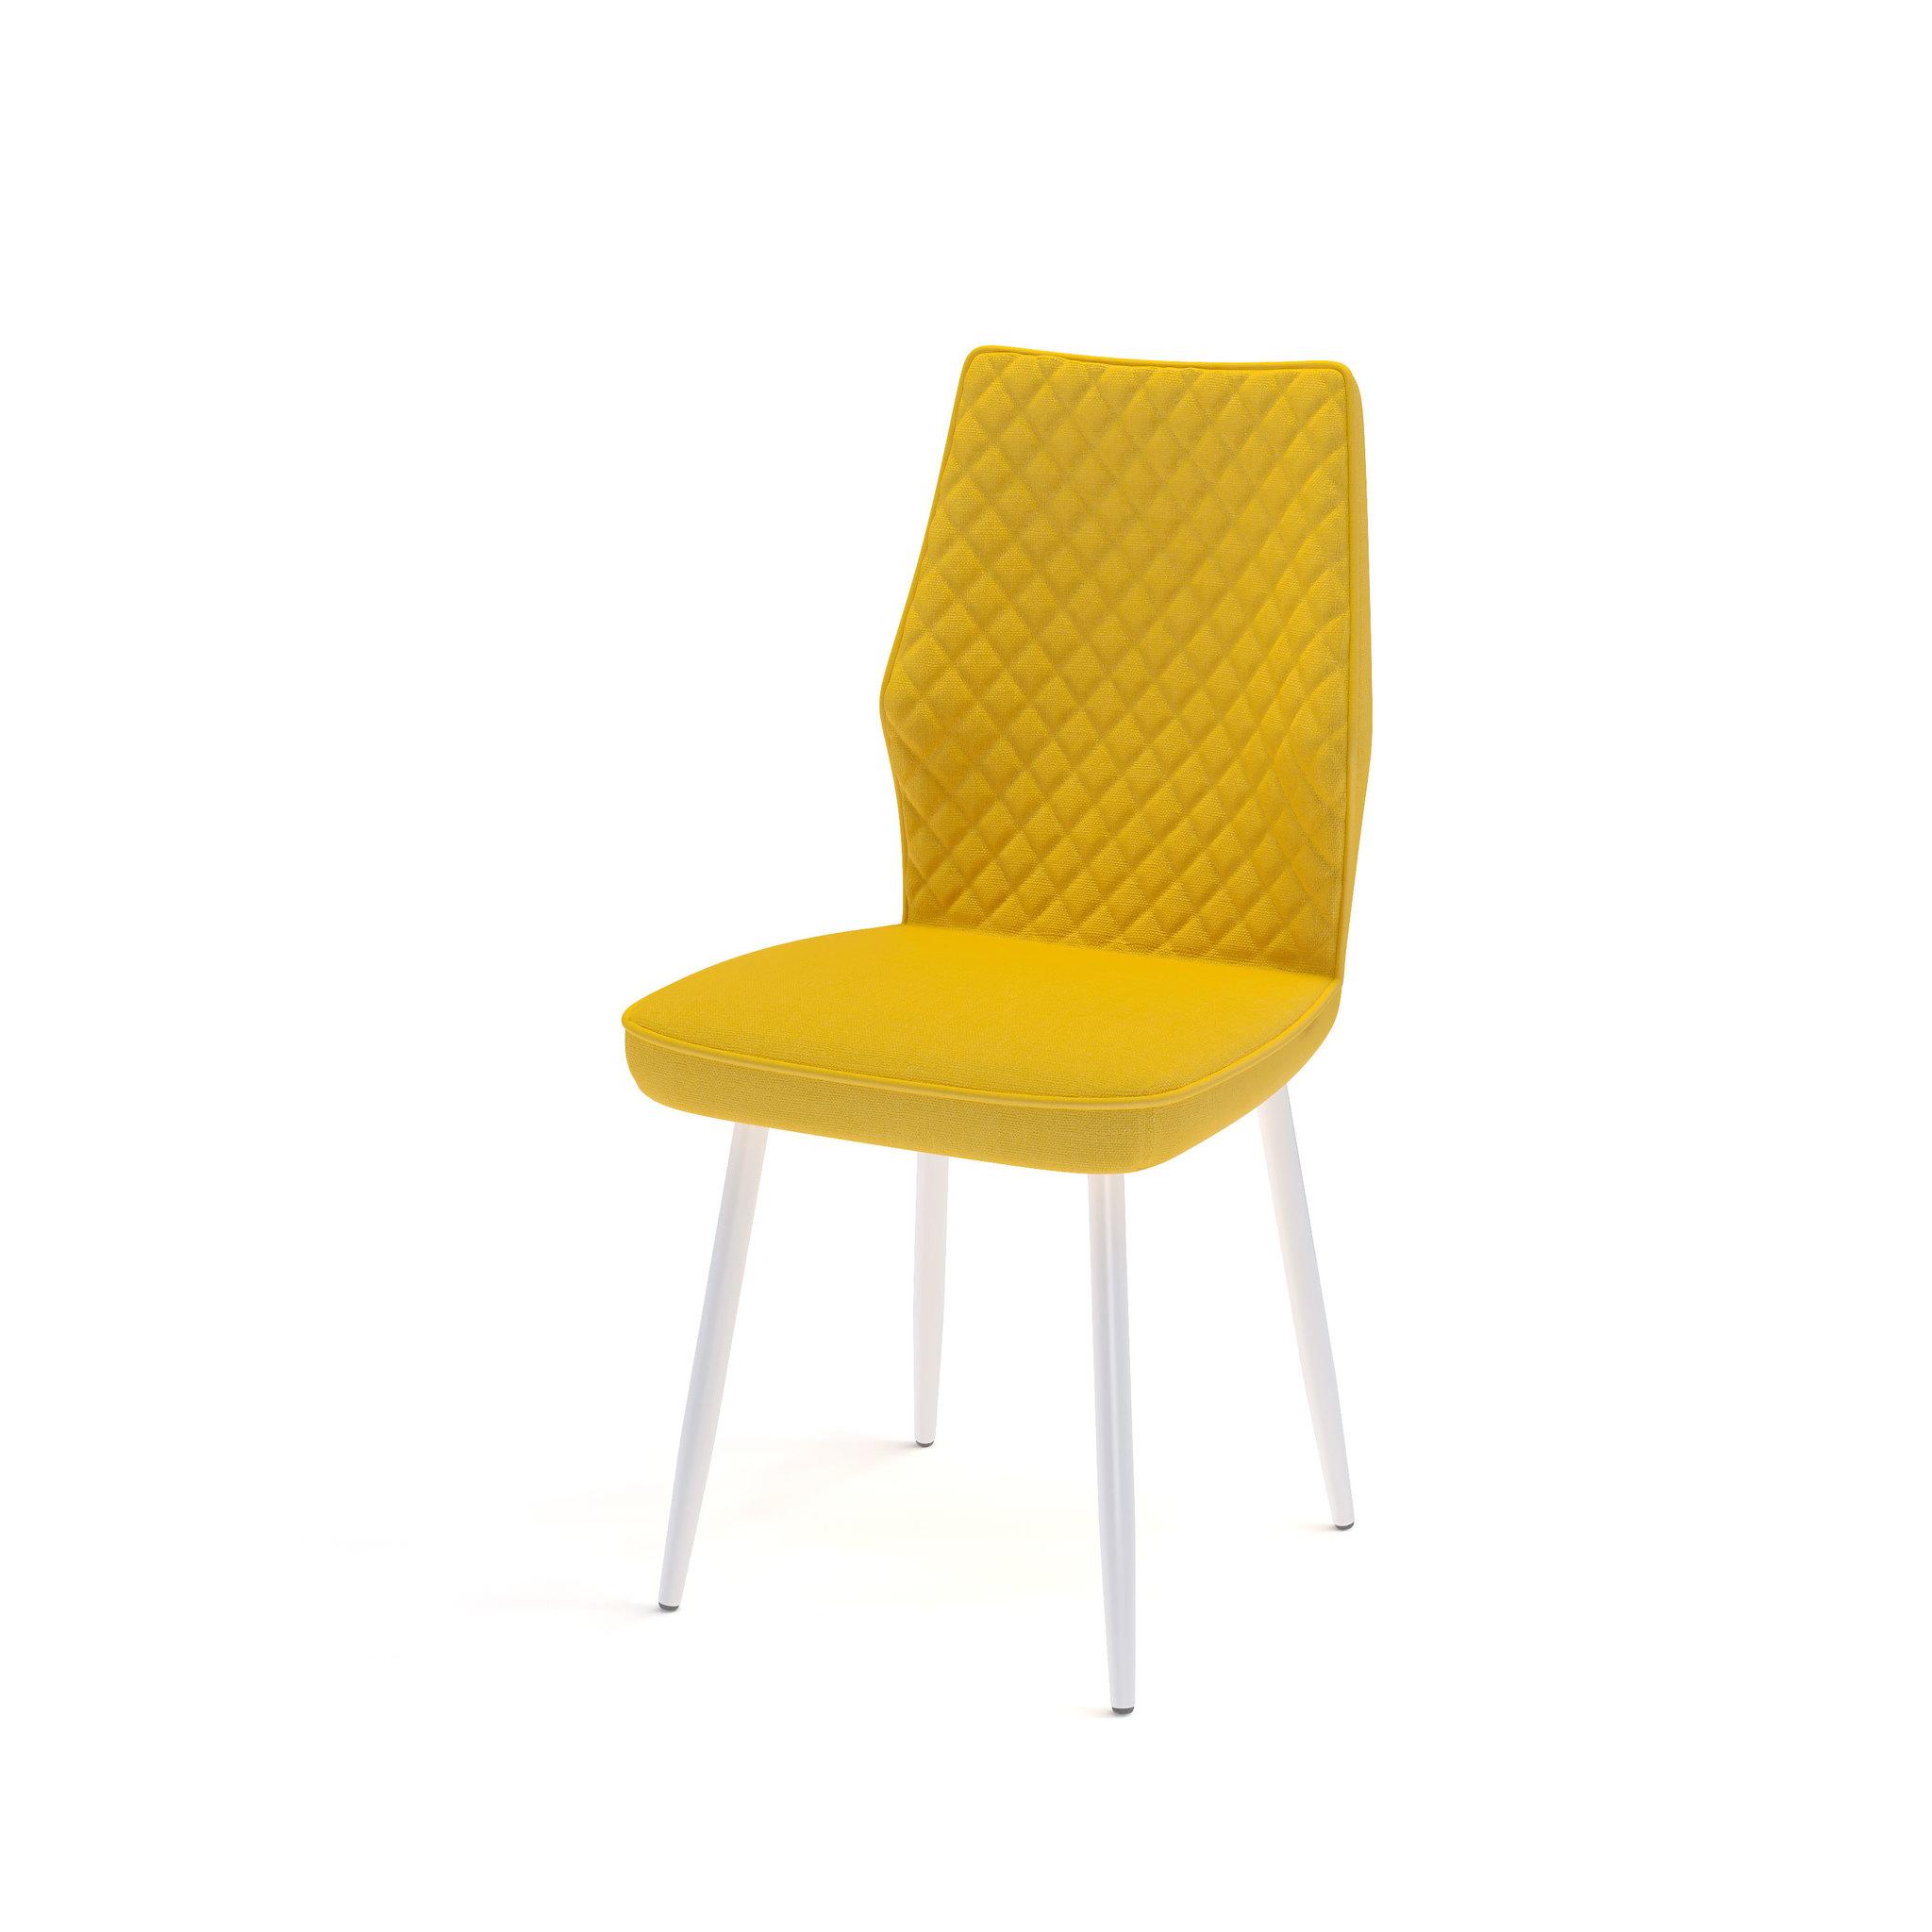 126s-белый-жёлтый